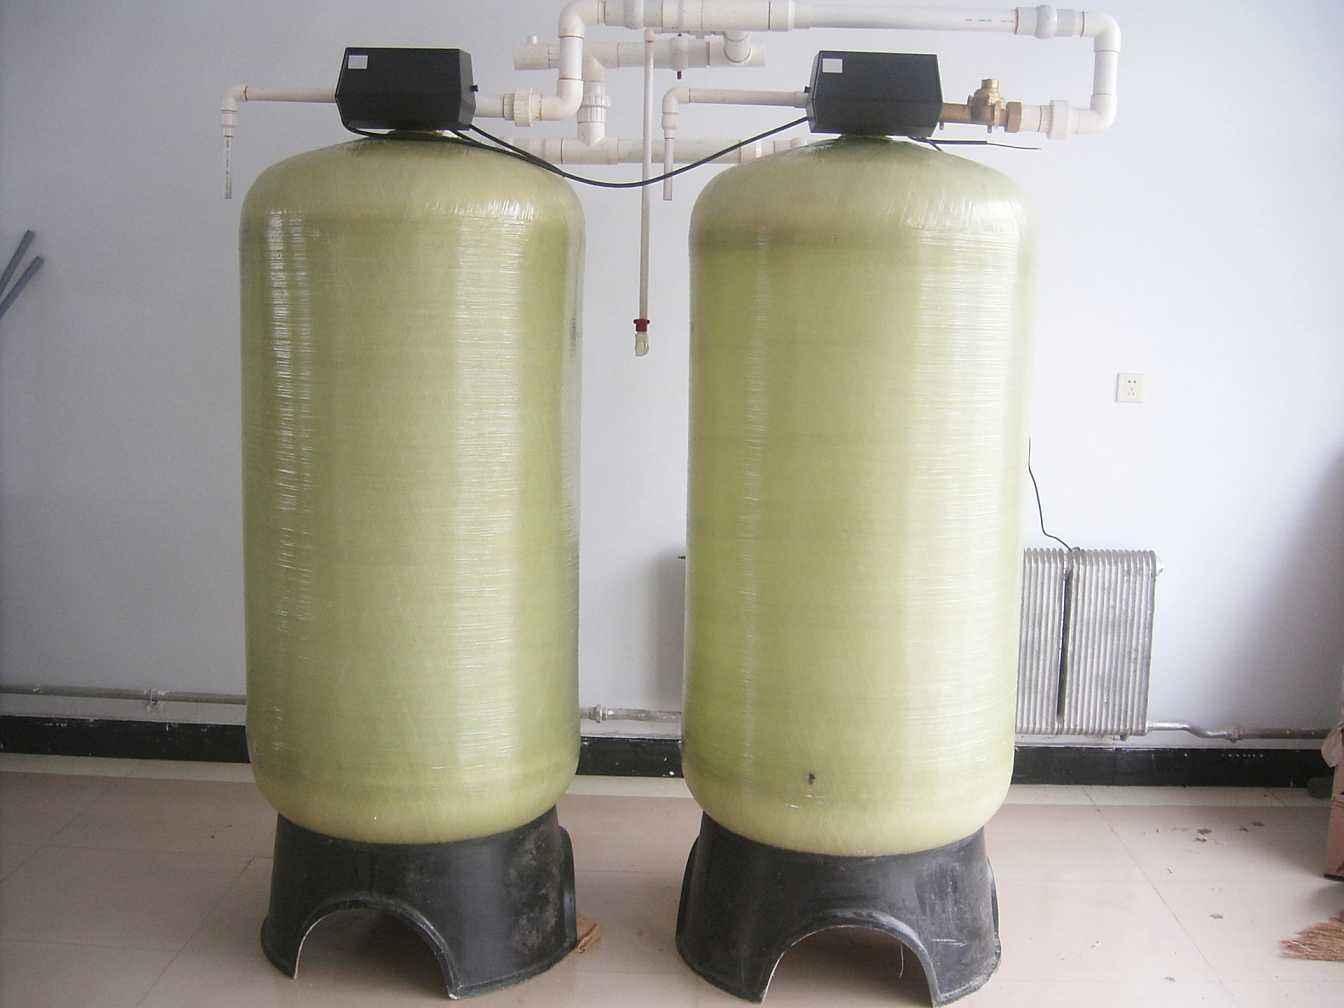 山东泰安河北全自动软化水设备种类多型号全价格 - 中国供应商